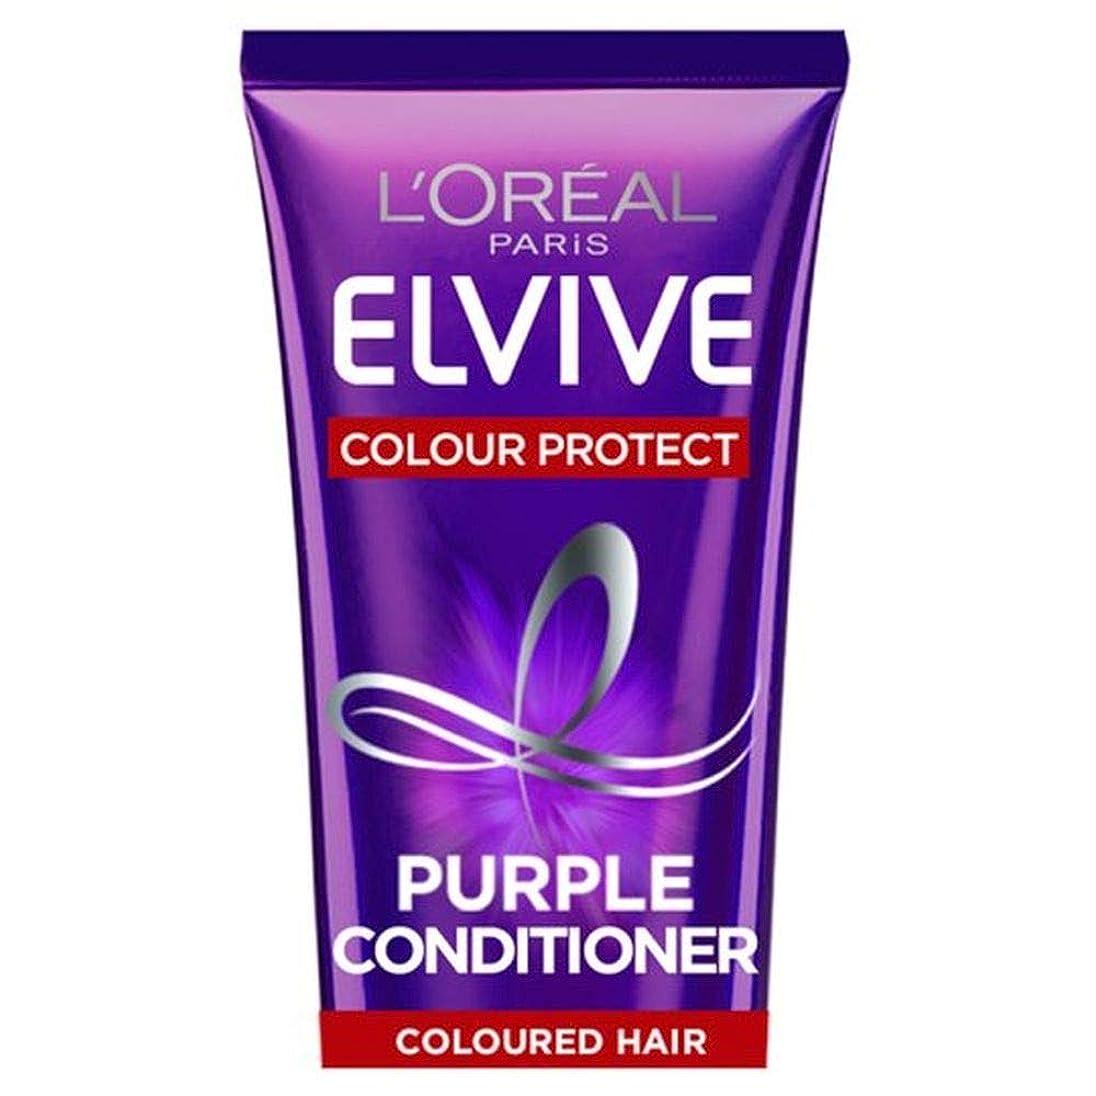 主におかしいアミューズ[Elvive] ロレアルElvive色は紫コンディショナー150ミリリットルを保護します - L'oreal Elvive Colour Protect Purple Conditioner 150Ml [並行輸入品]